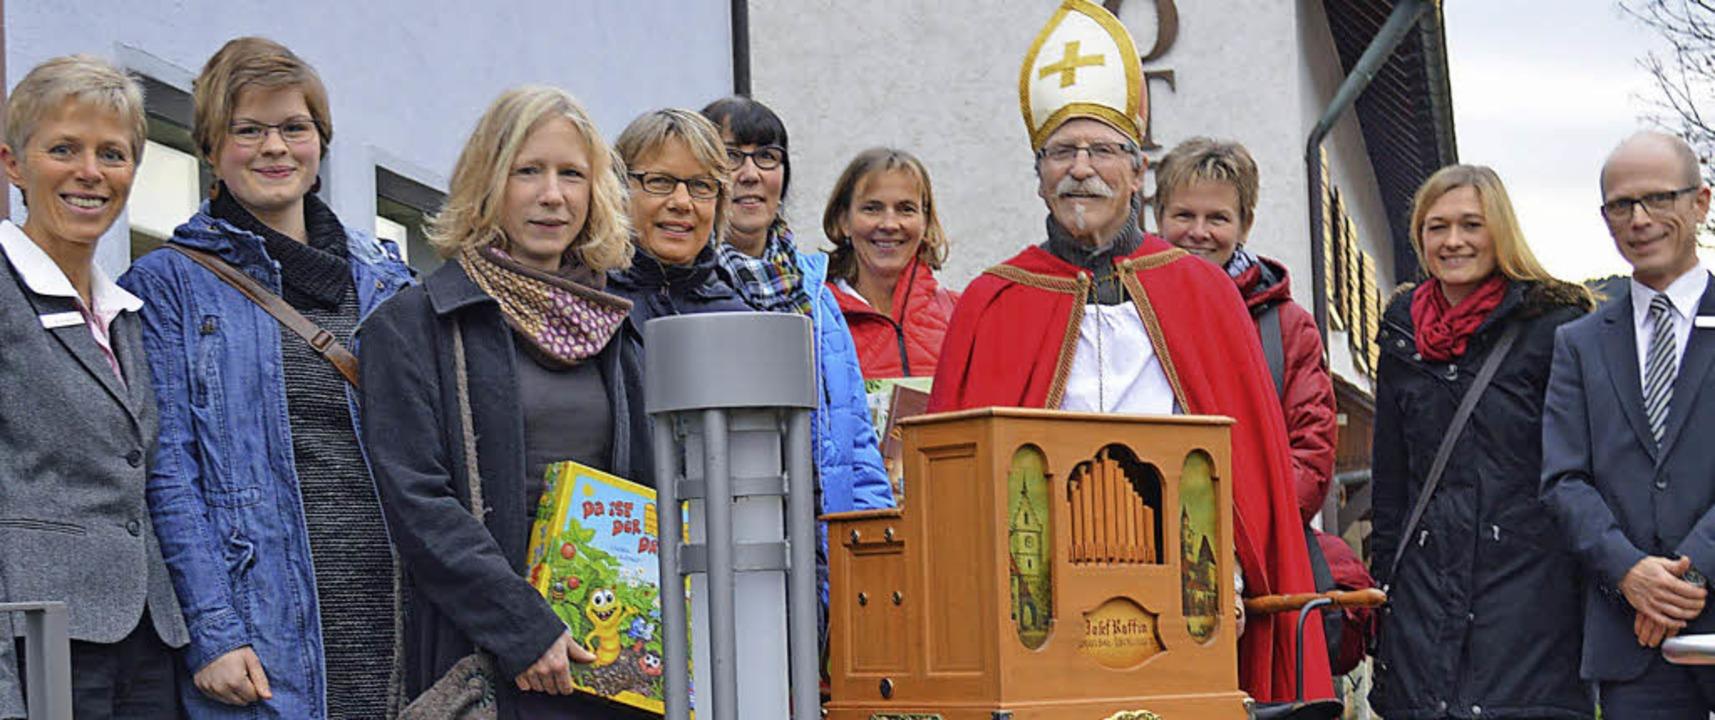 Maria Demattio (links) und Thomas Brec...Feis und Katja Schweizer (von links).     Foto: Gerhard Lück